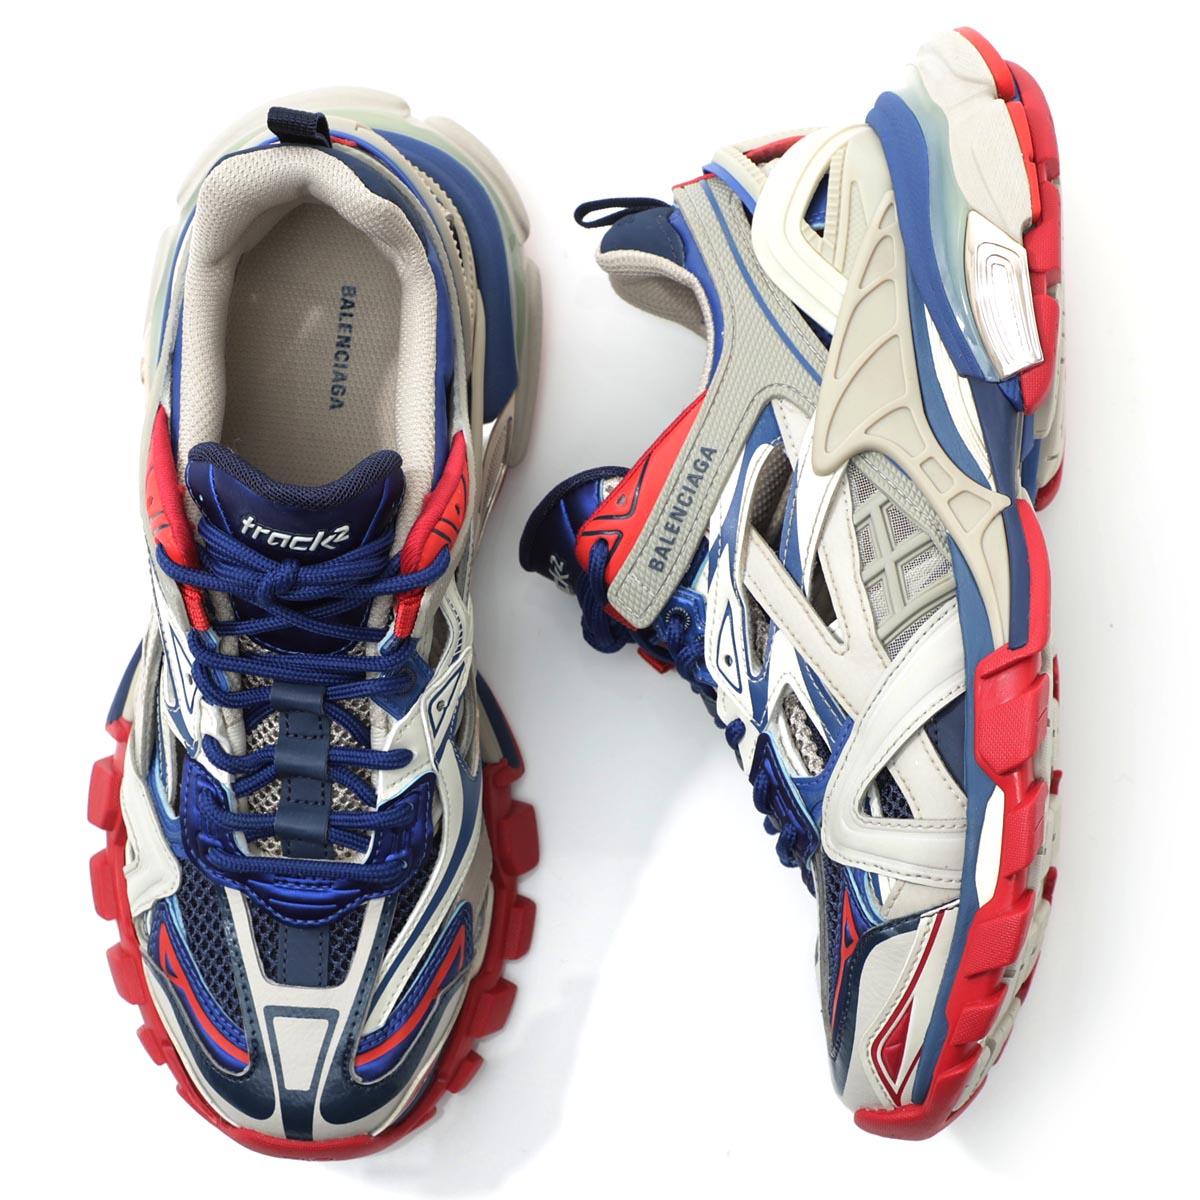 メンズ靴, スニーカー 1 BALENCIAGA 568614 w2gn2 8570 TRACK TRAINERS 2 2190930